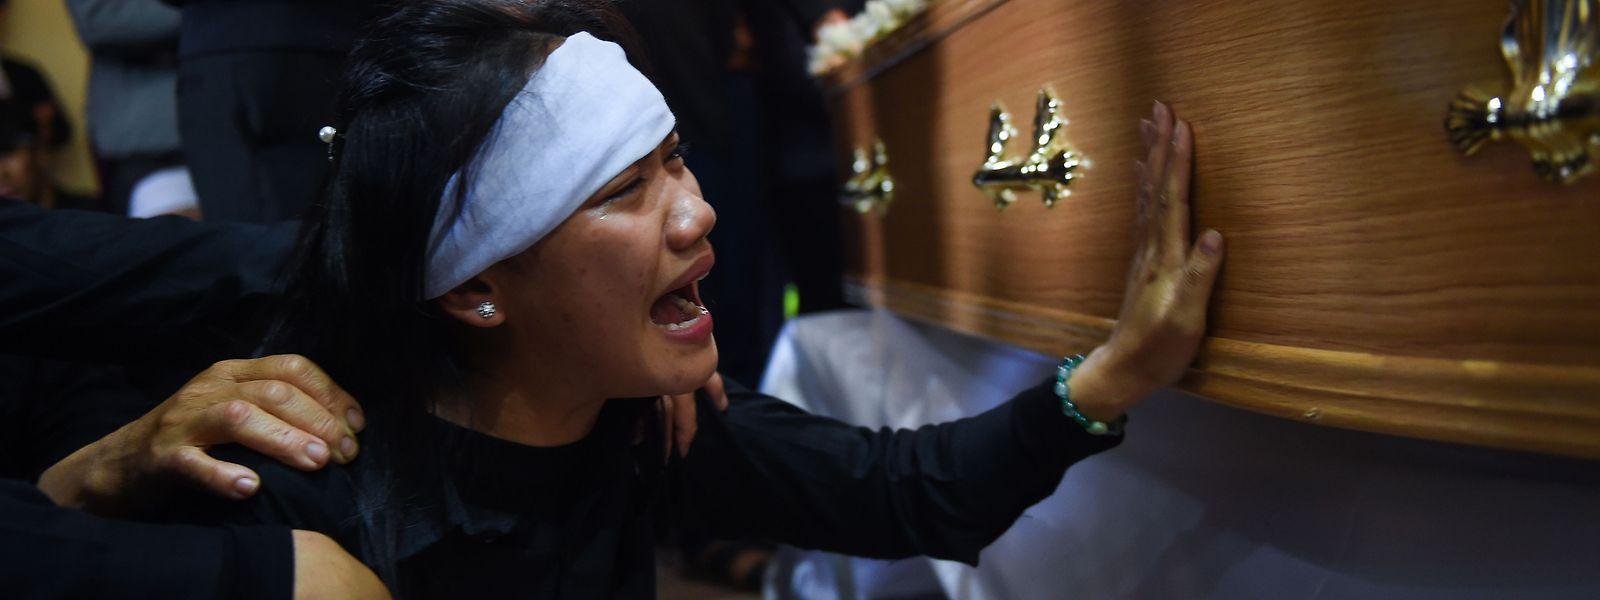 Die Särge mit den Todesopfern wurden zur Bestattung in die Heimatprovinzen gebracht.